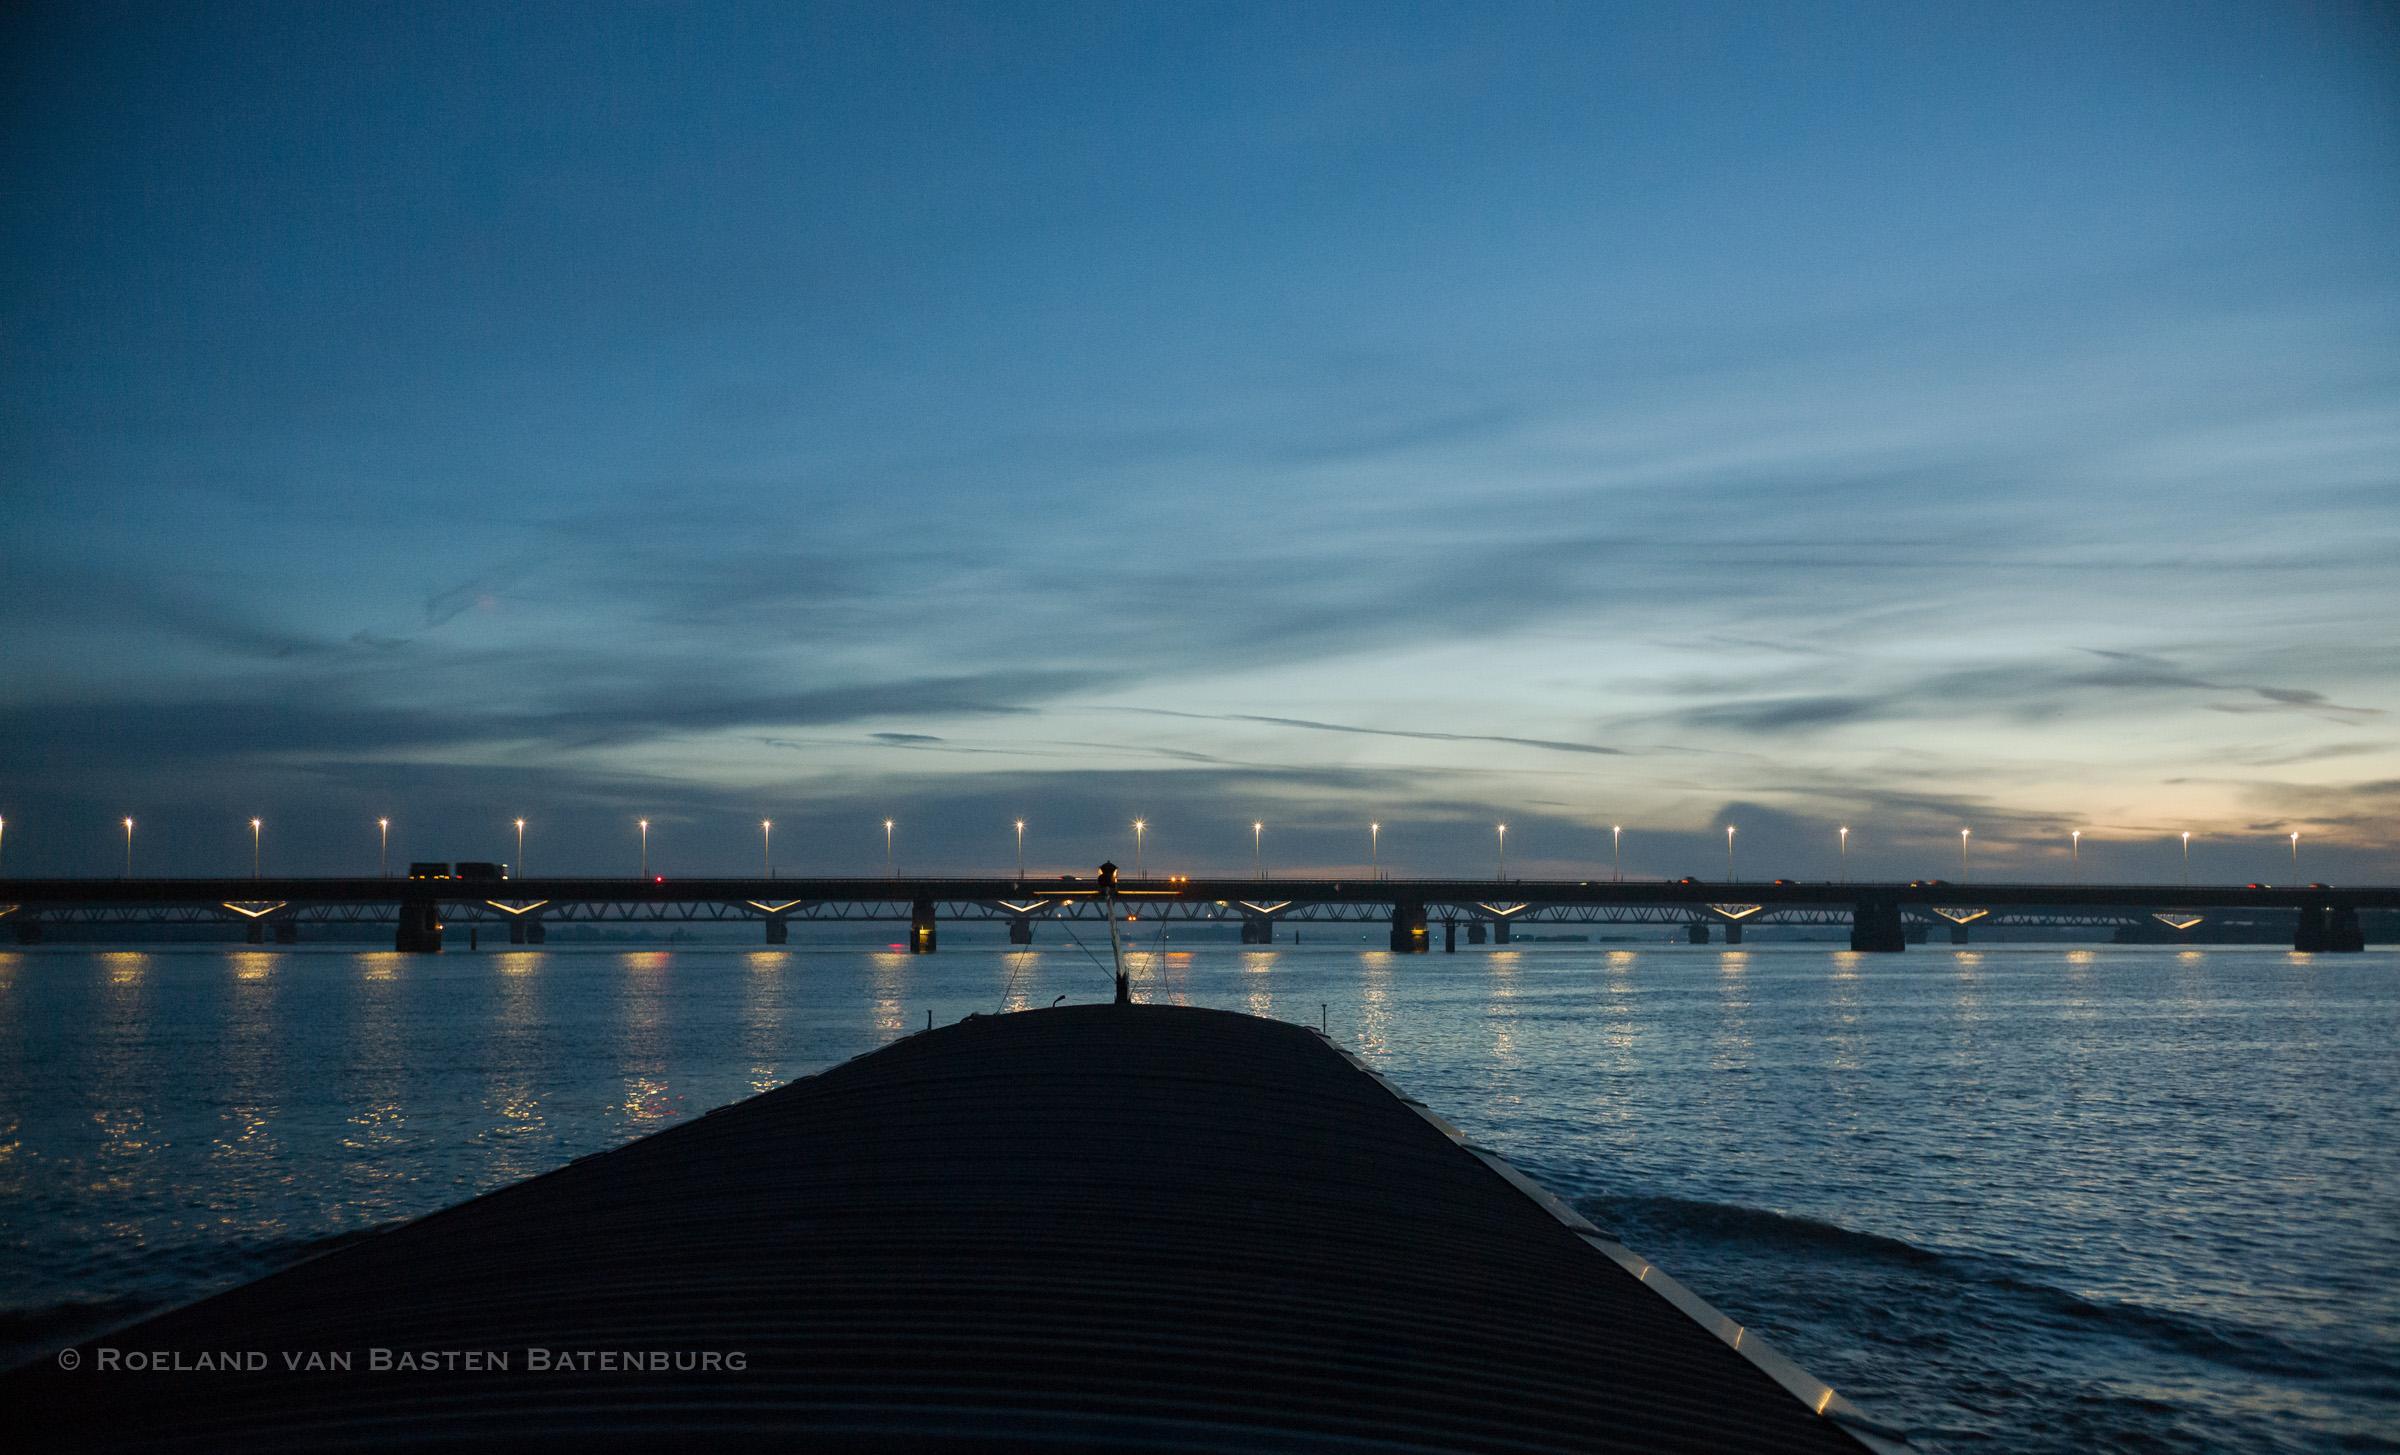 De moerdijk bruggen. We varen op de onderdoorvaart opening af, herkenbaar aan de dubbele gele lichten.